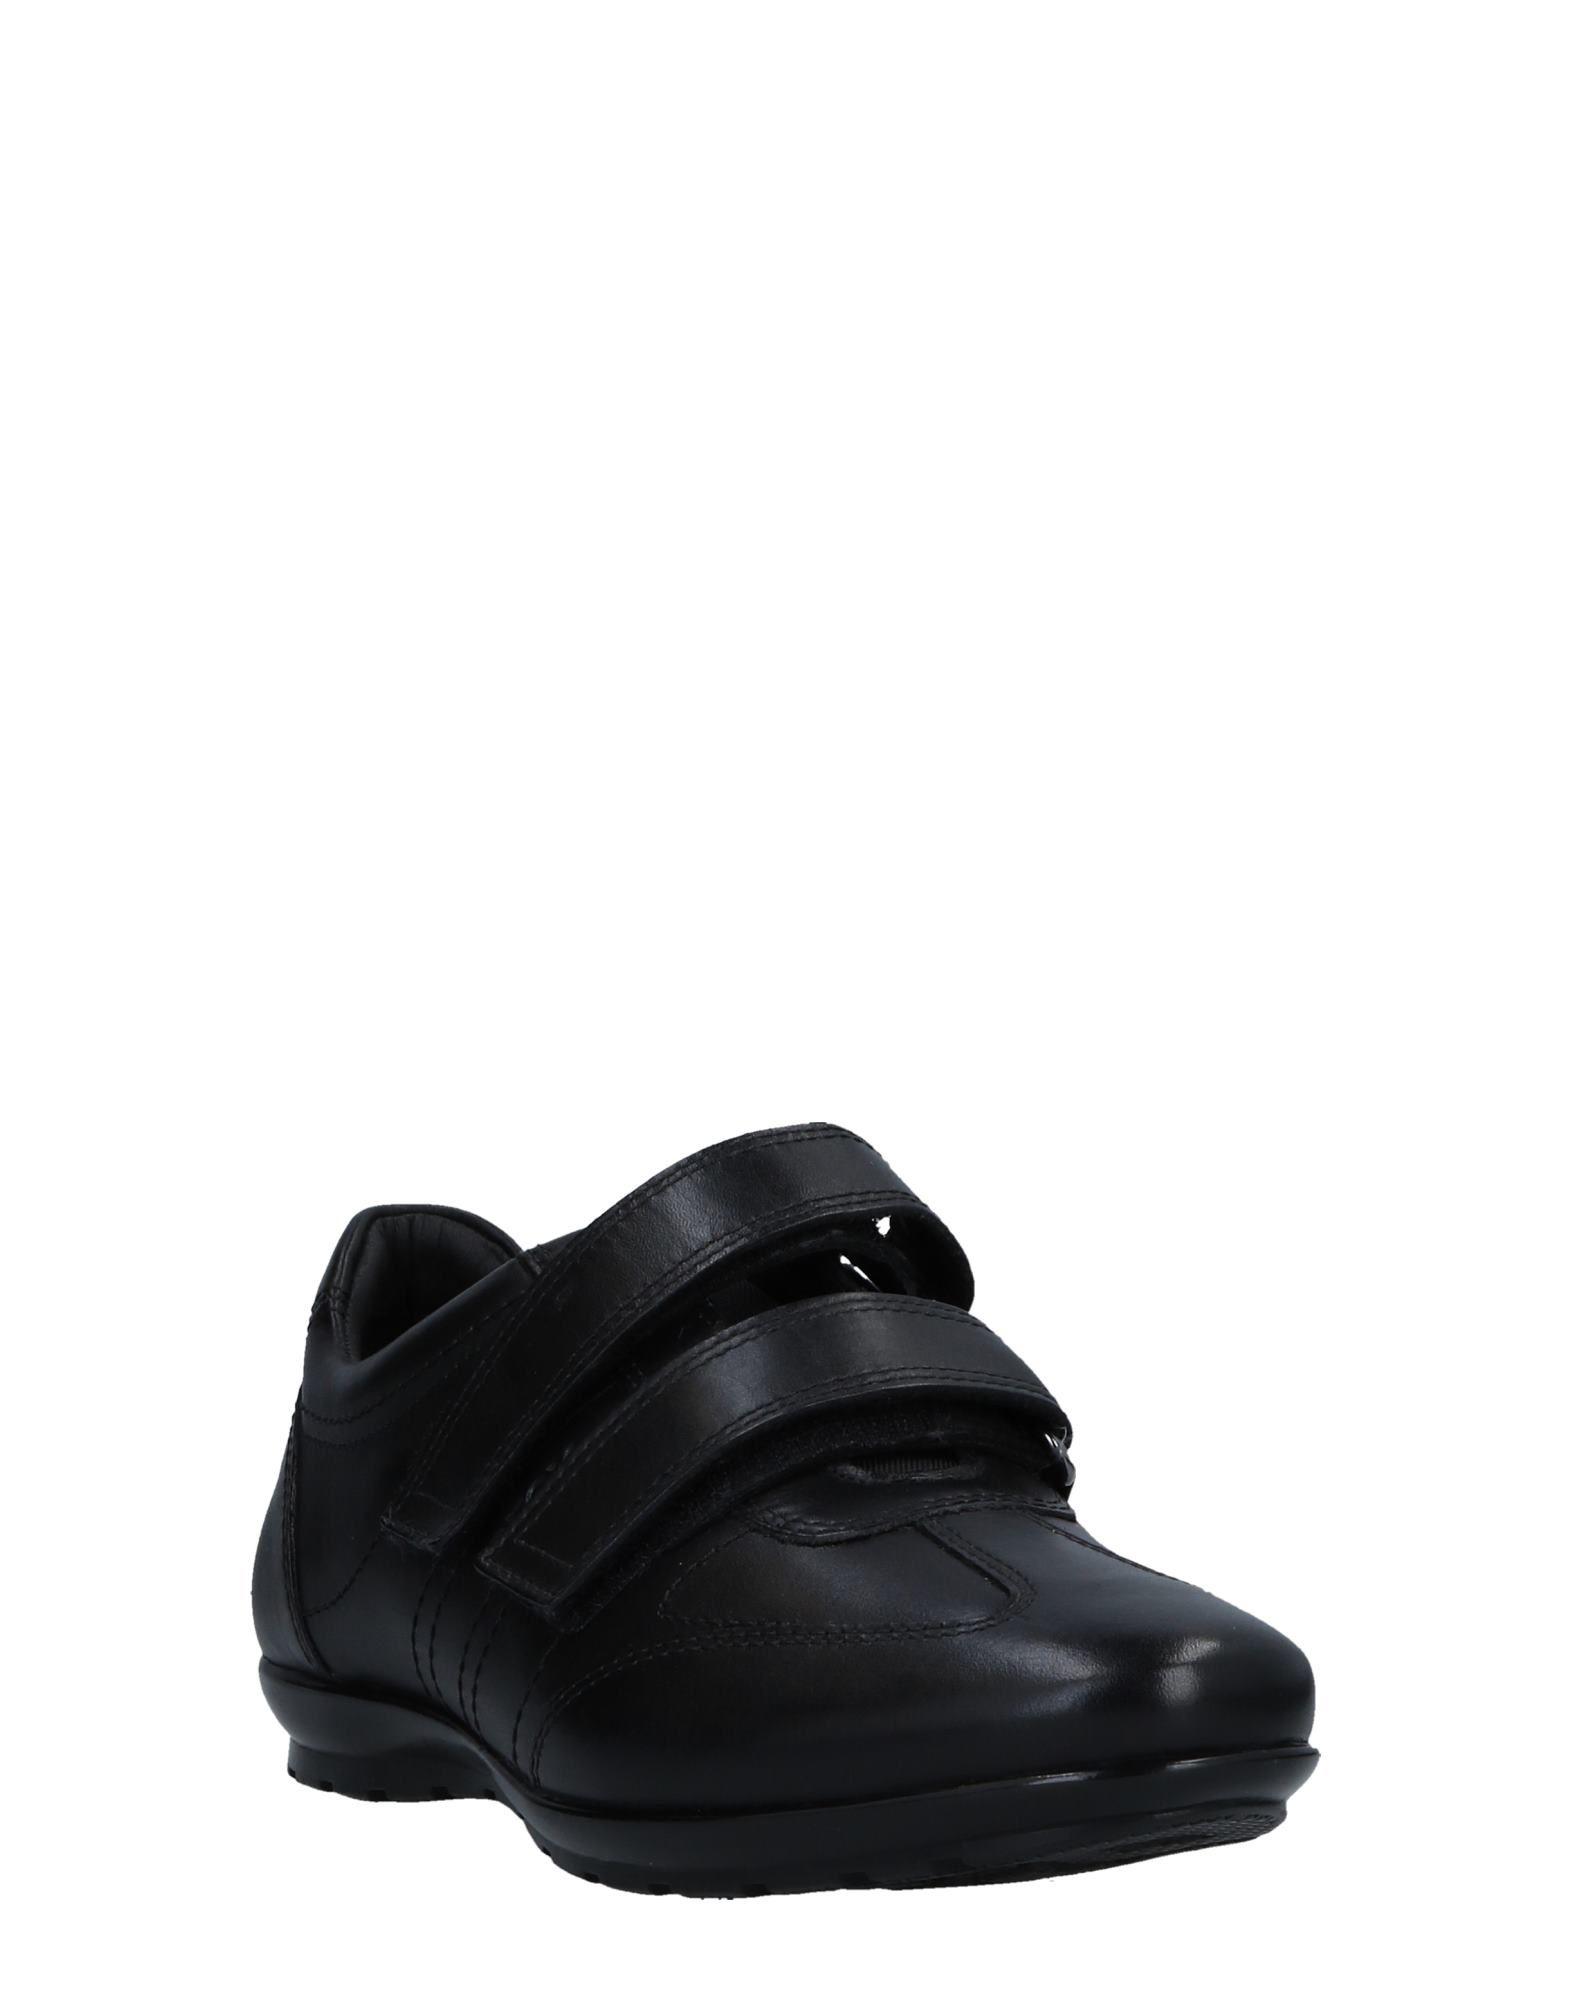 Haltbare Mode Herren billige Schuhe Geox Sneakers Herren Mode  11519904SB Heiße Schuhe 8de218